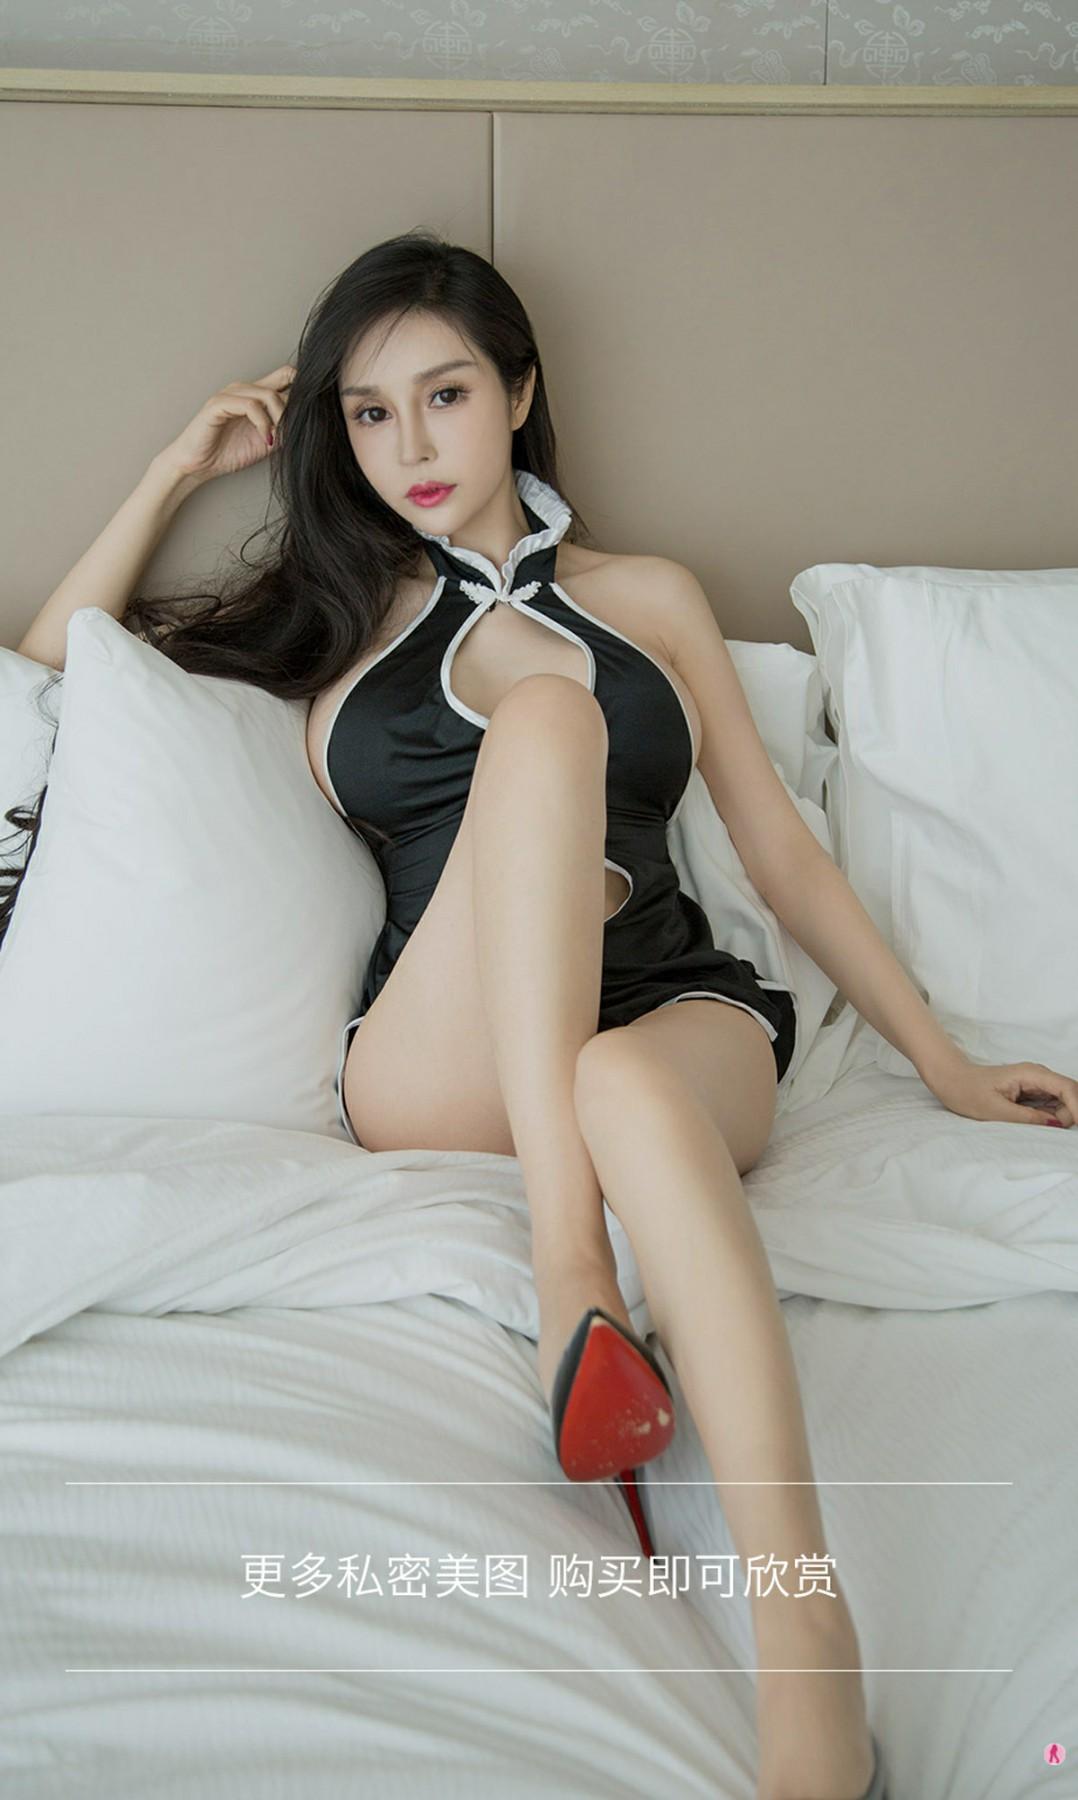 [Ugirls尤果网]爱尤物专辑 2020.09.18 No.1911 田冰冰 美爆旗袍 第3张